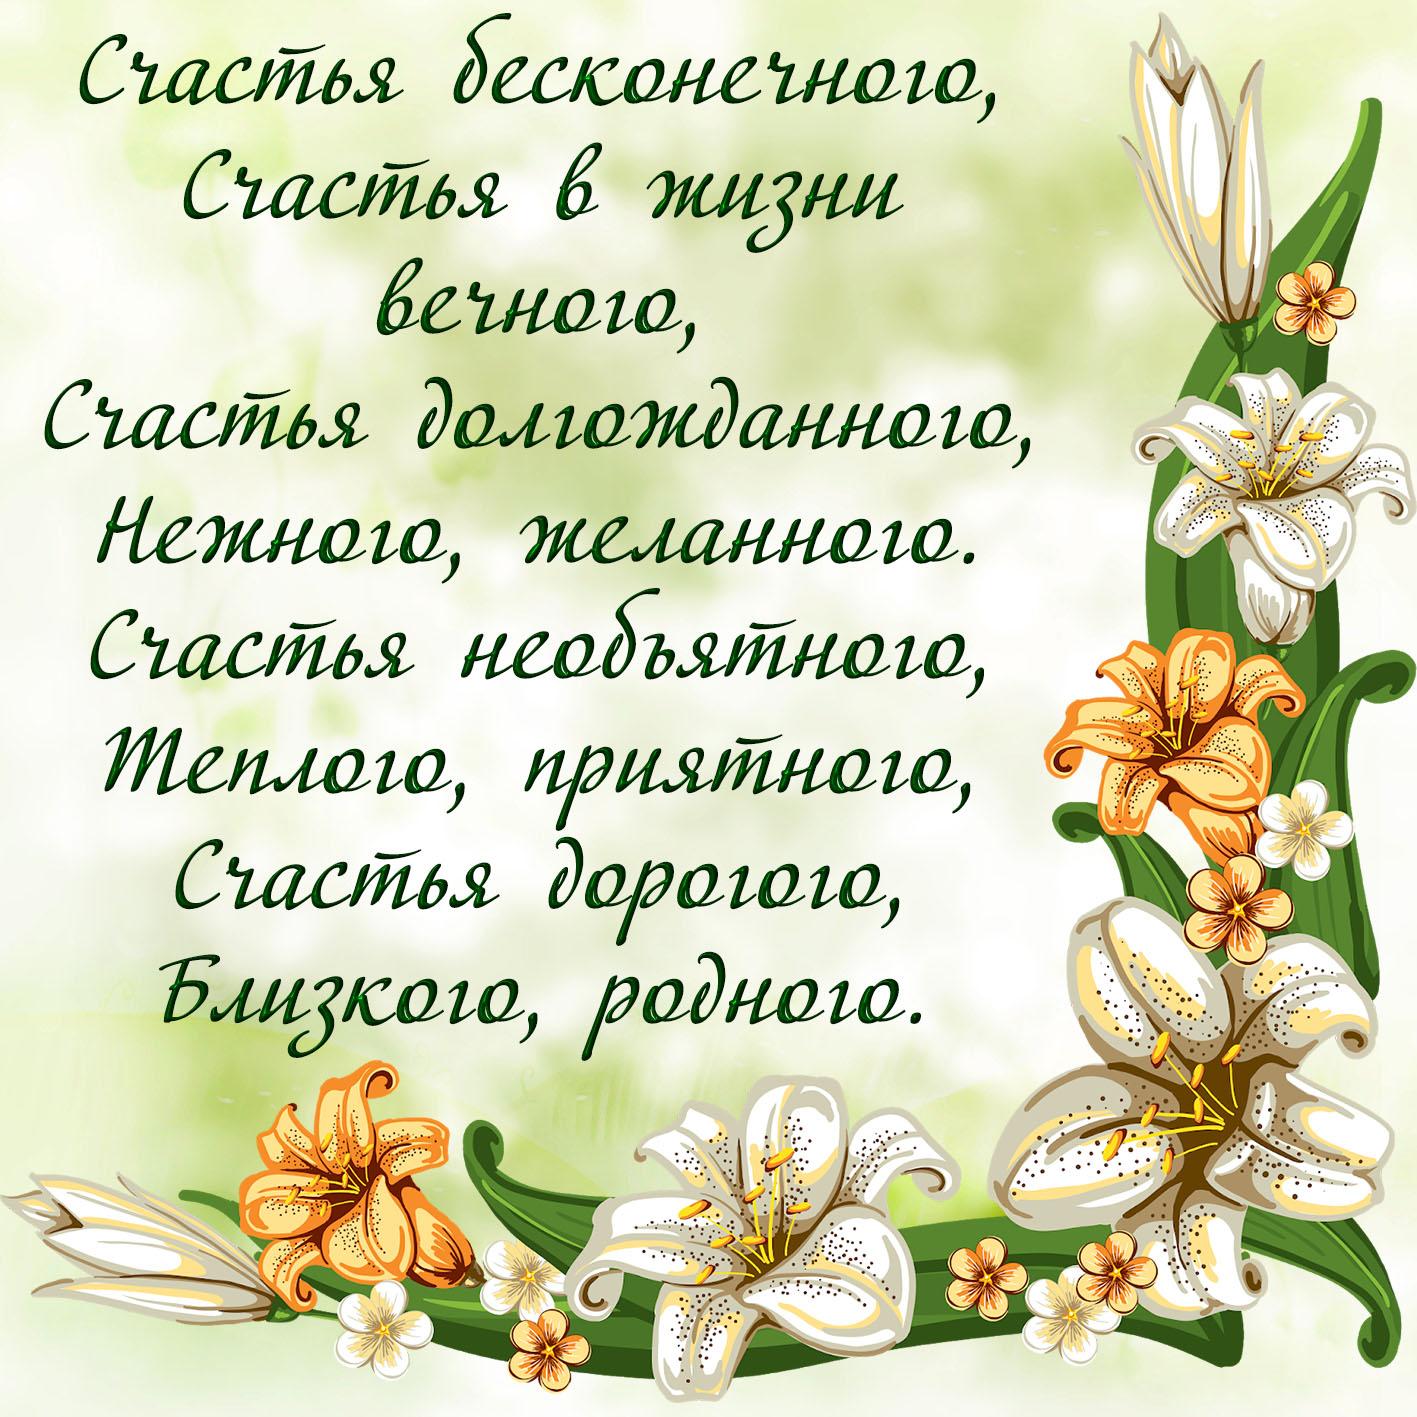 Веселые поздравления в стихах юбилярше дэдпула